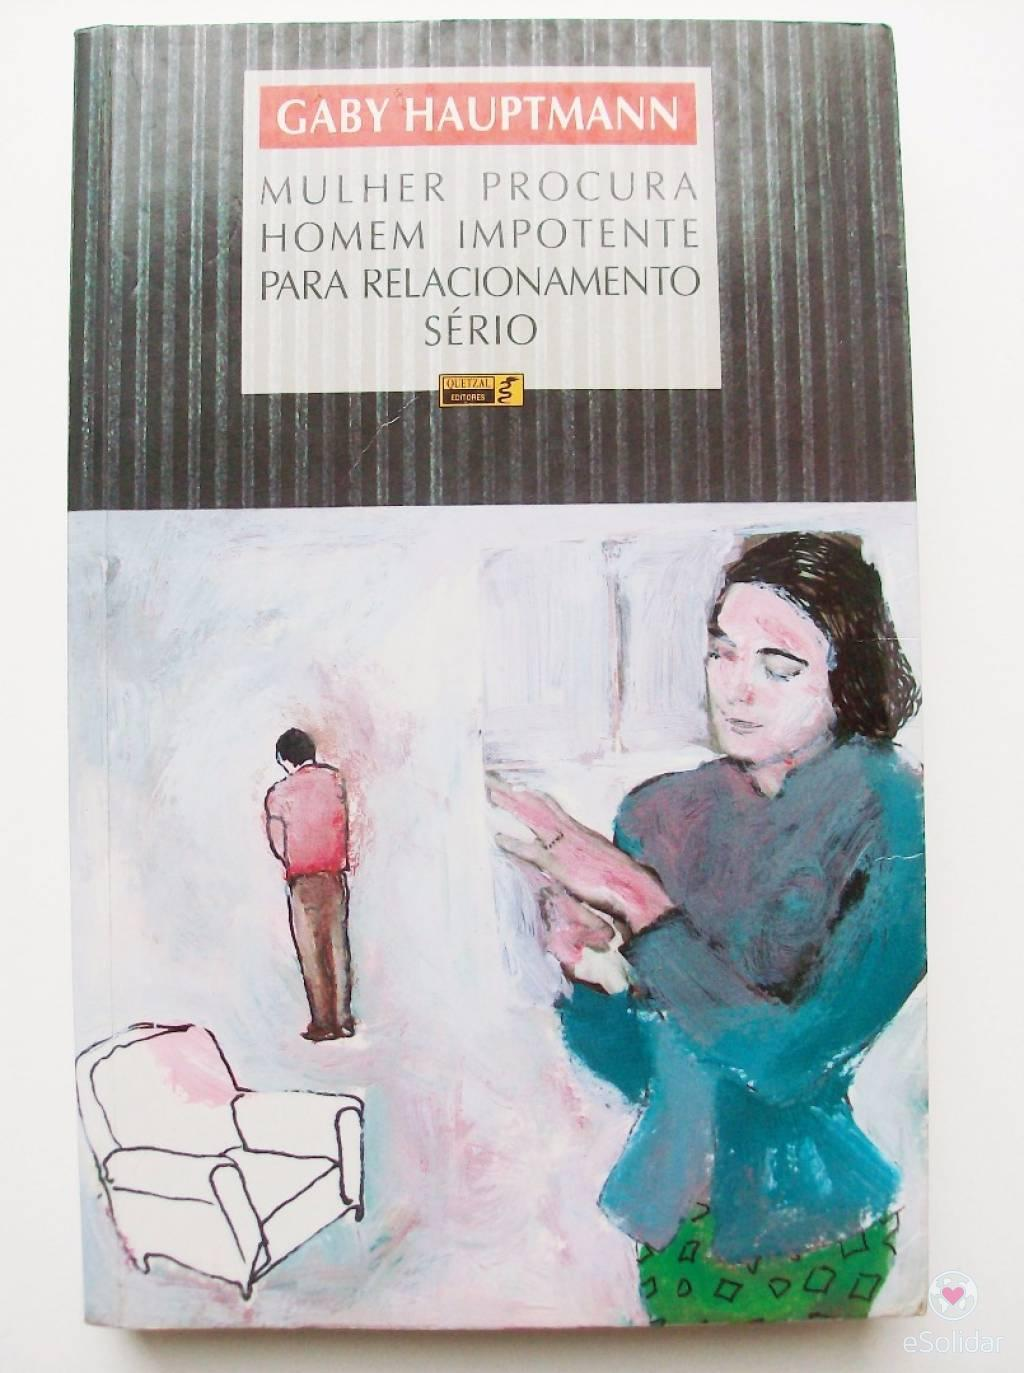 Mulher Procura Homem Impotente para Relacionamento Sério – Gaby Hauptmann c9b0e9da71b